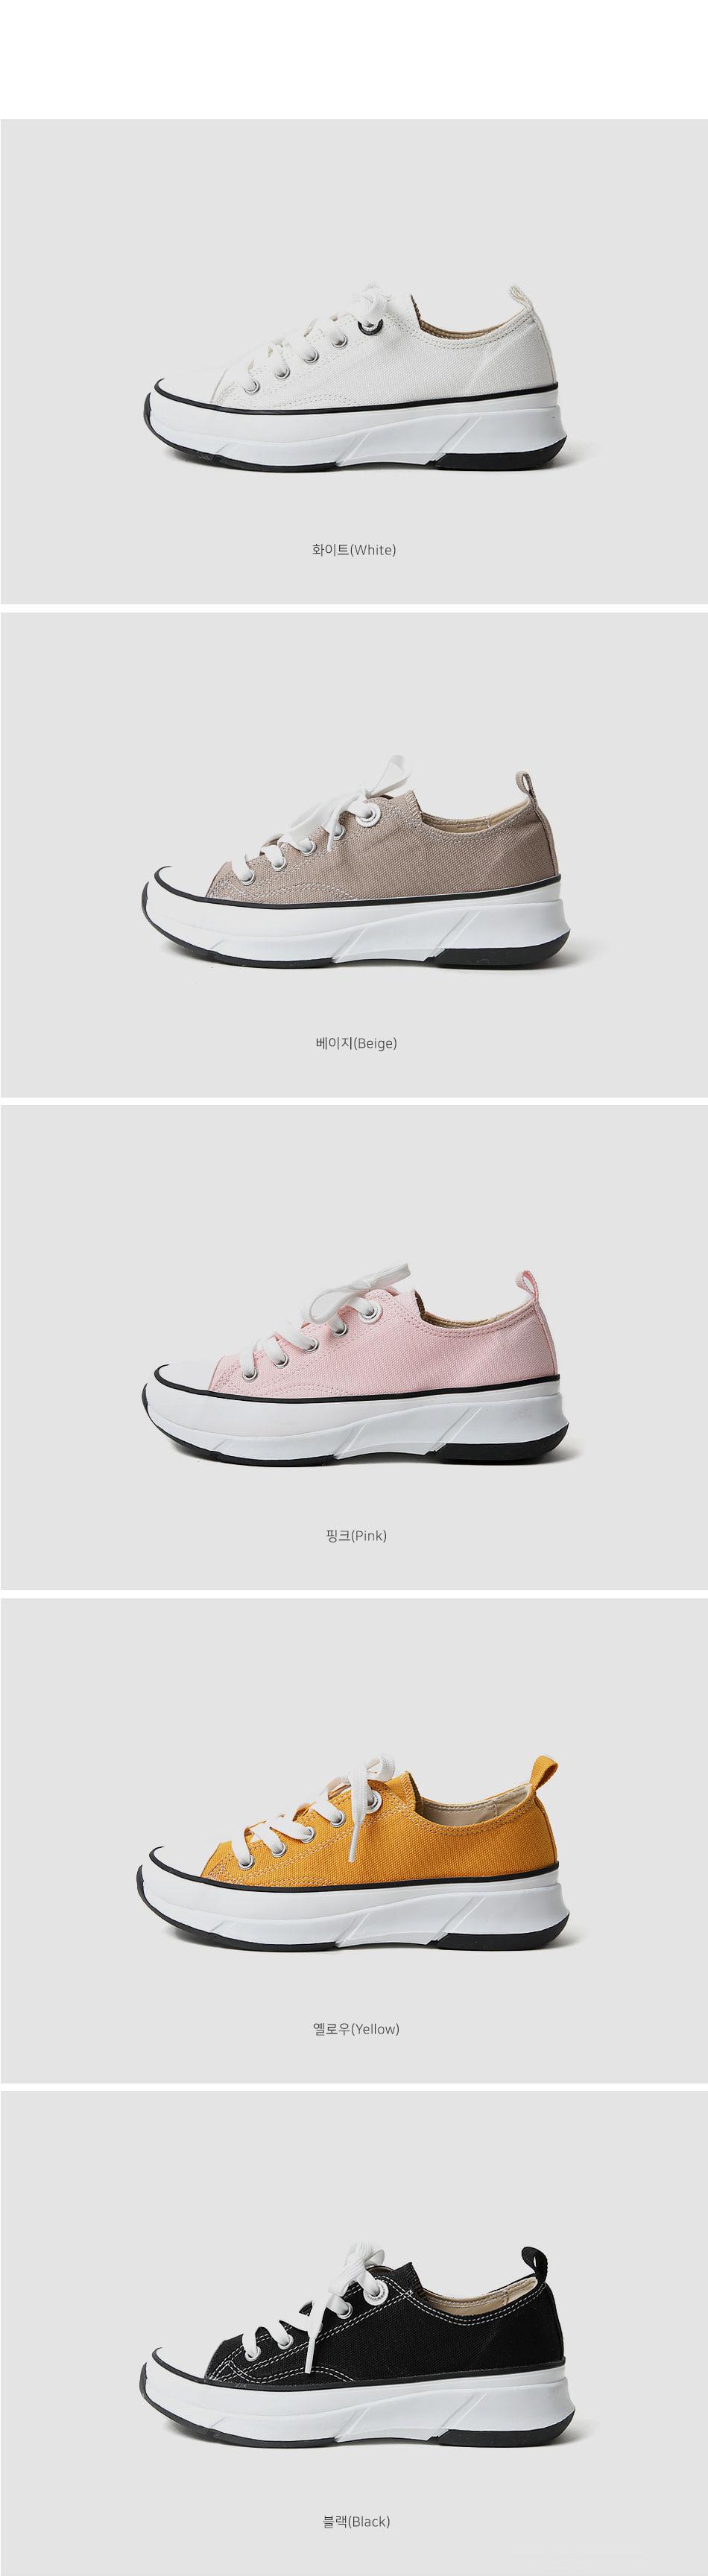 Atillo sneakers 4cm